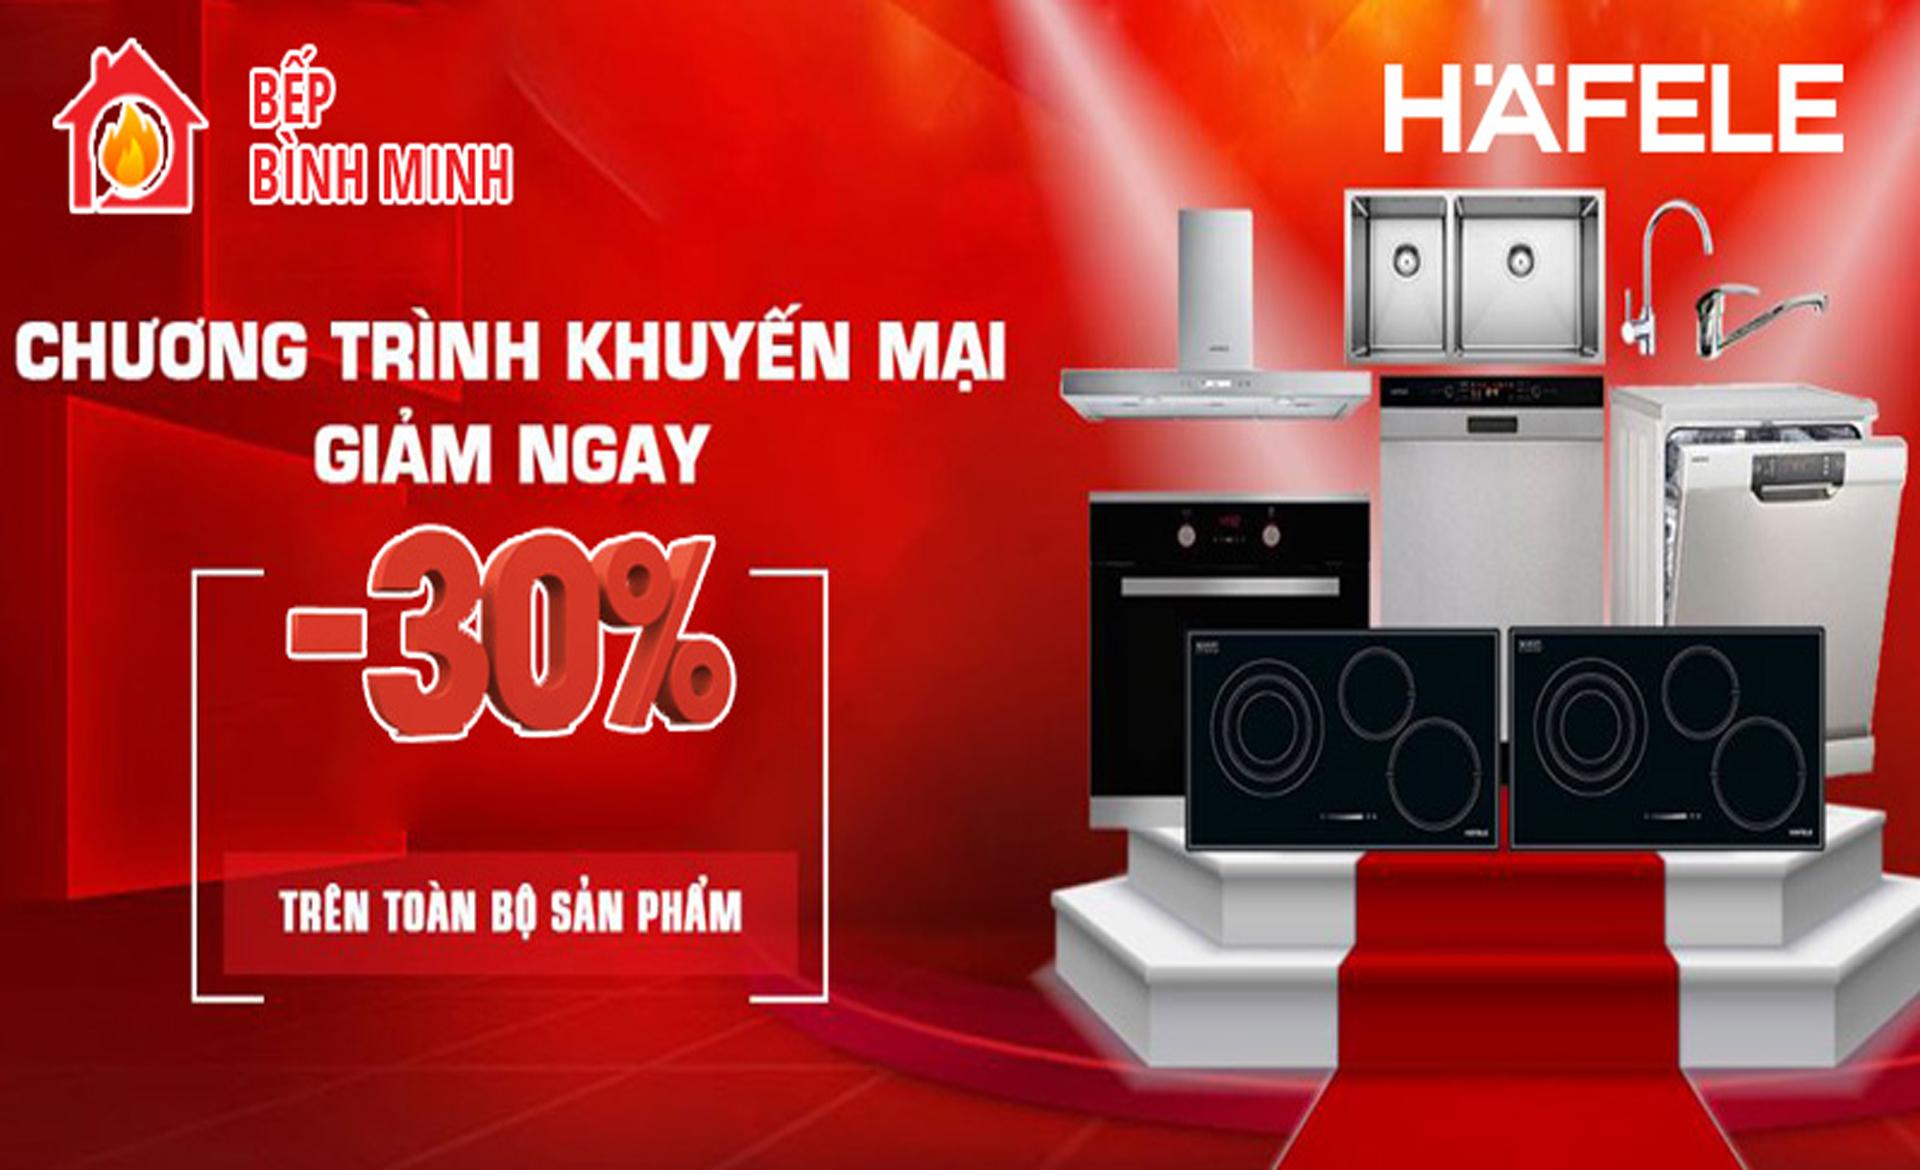 Hafele<br>Giảm giá 30%